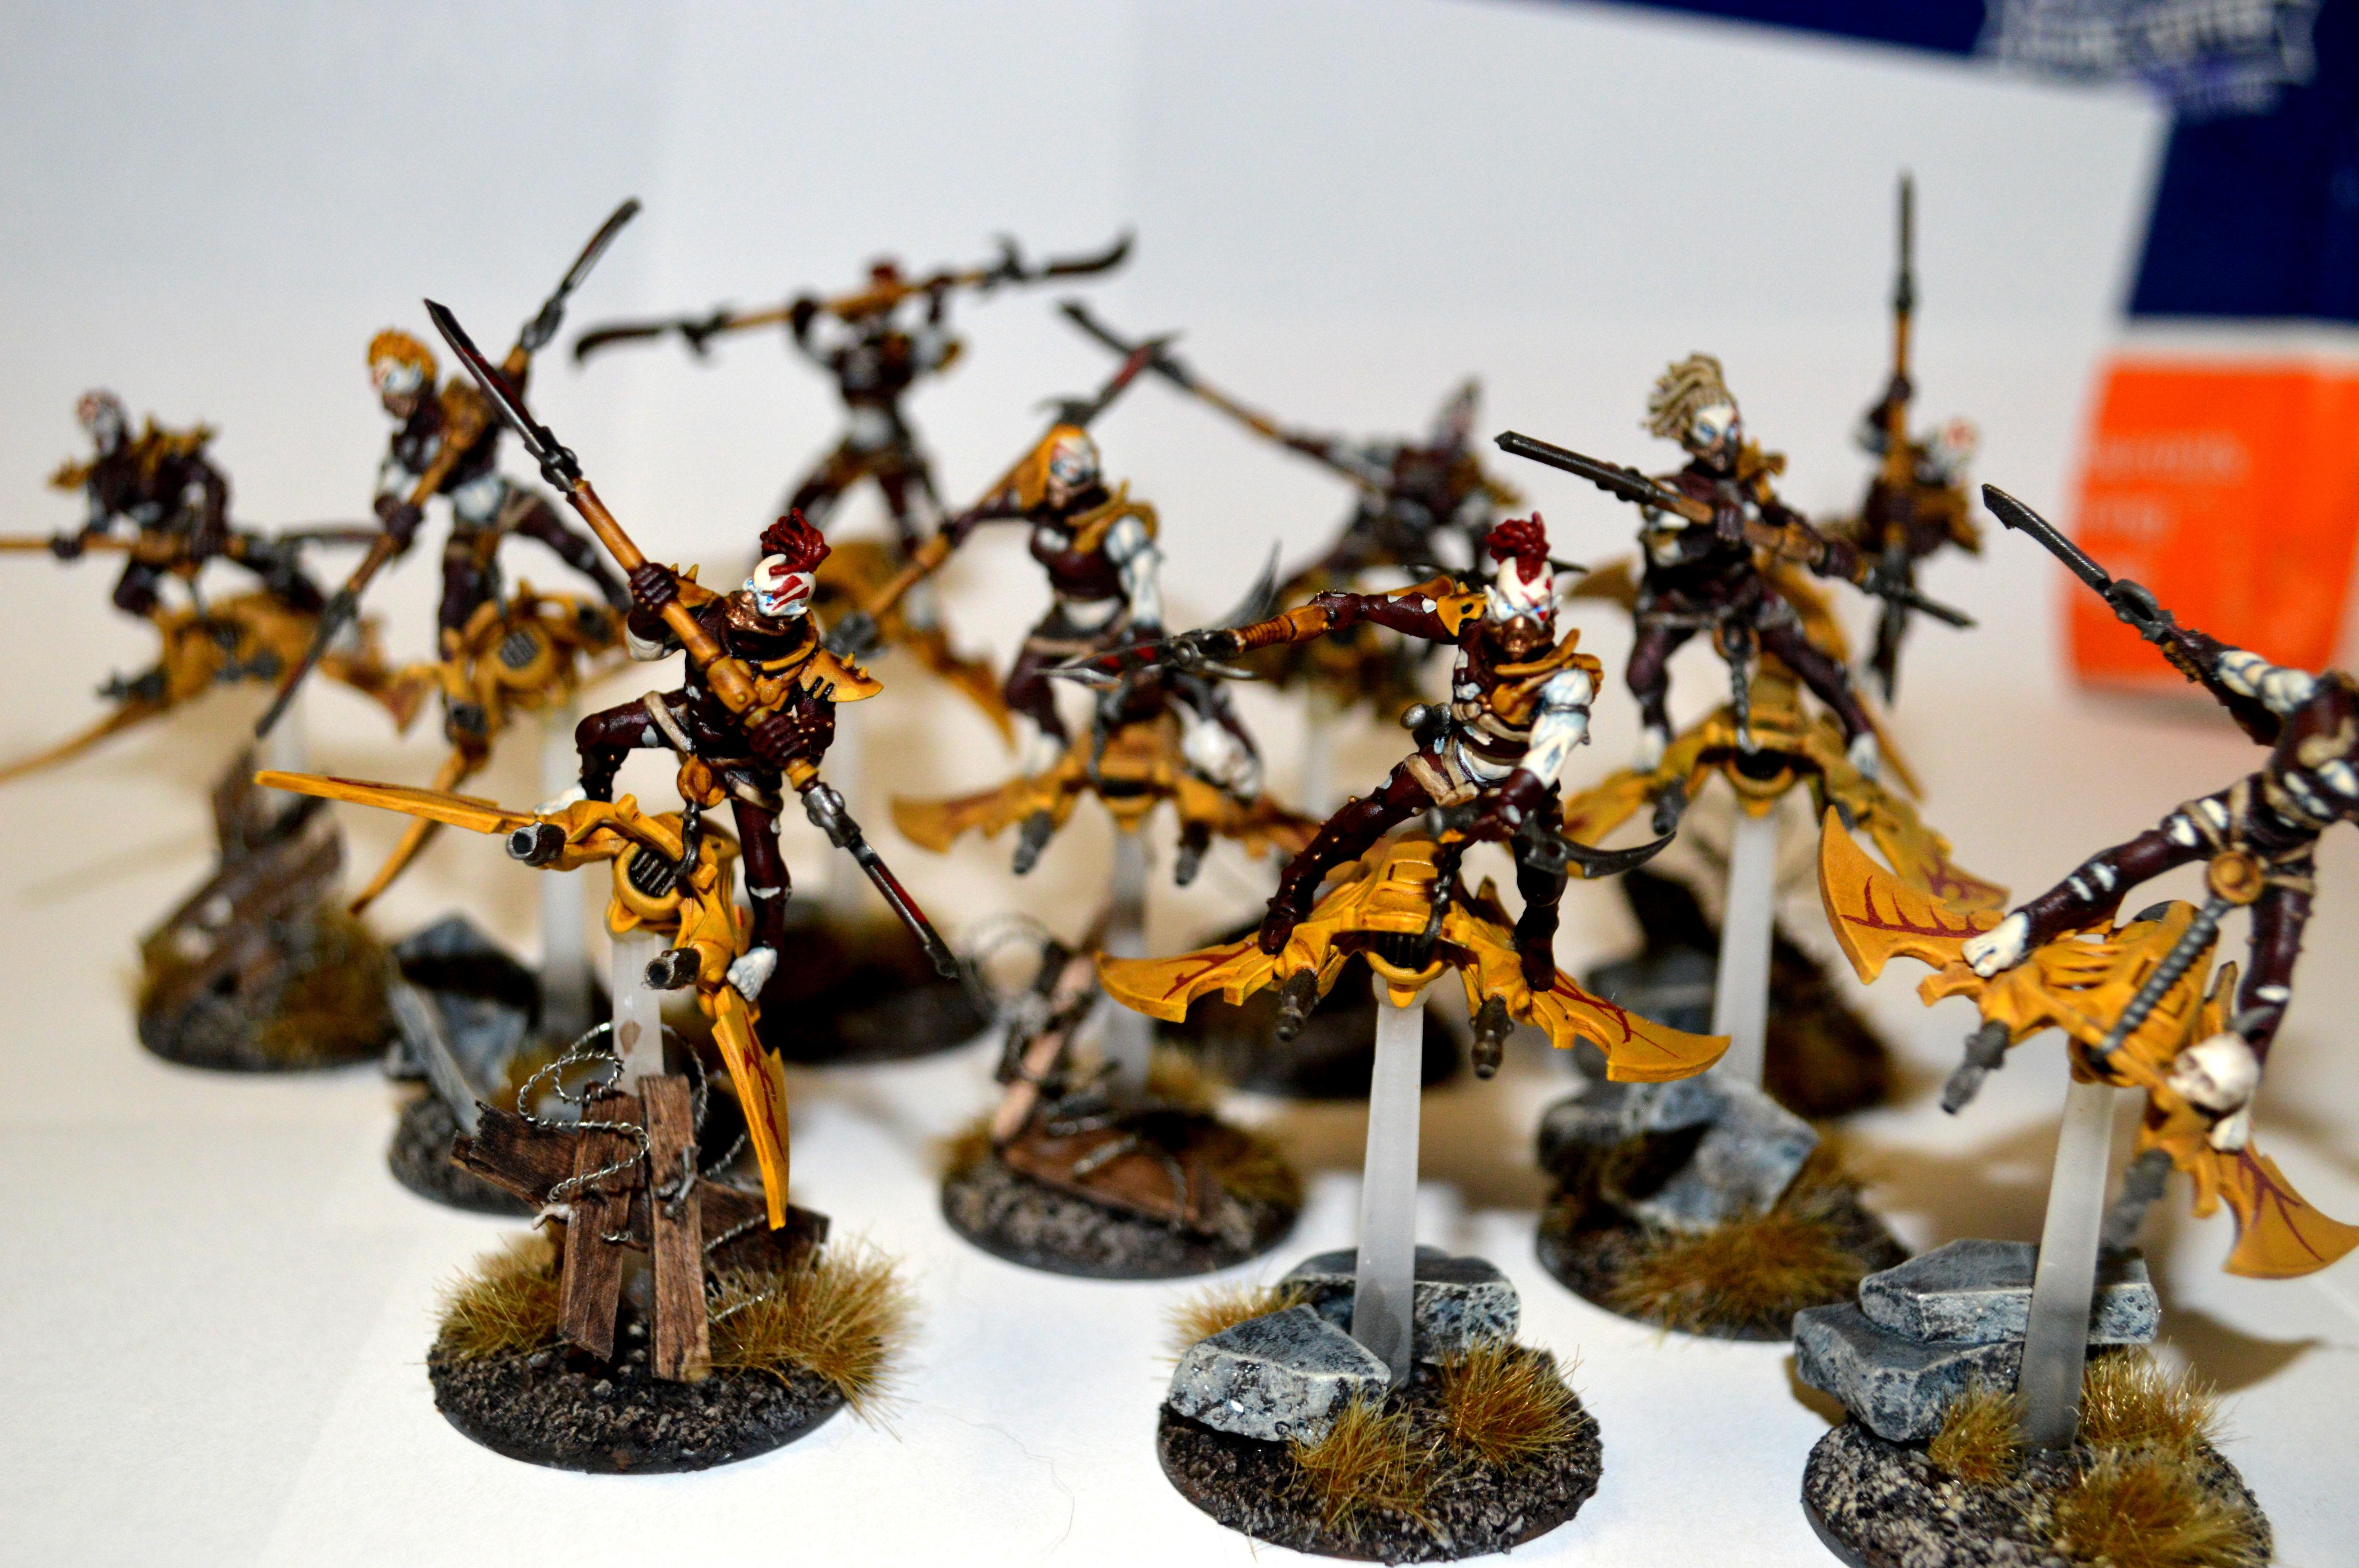 Dark Eldar, De, Hellions, Orange, Warhammer 40,000